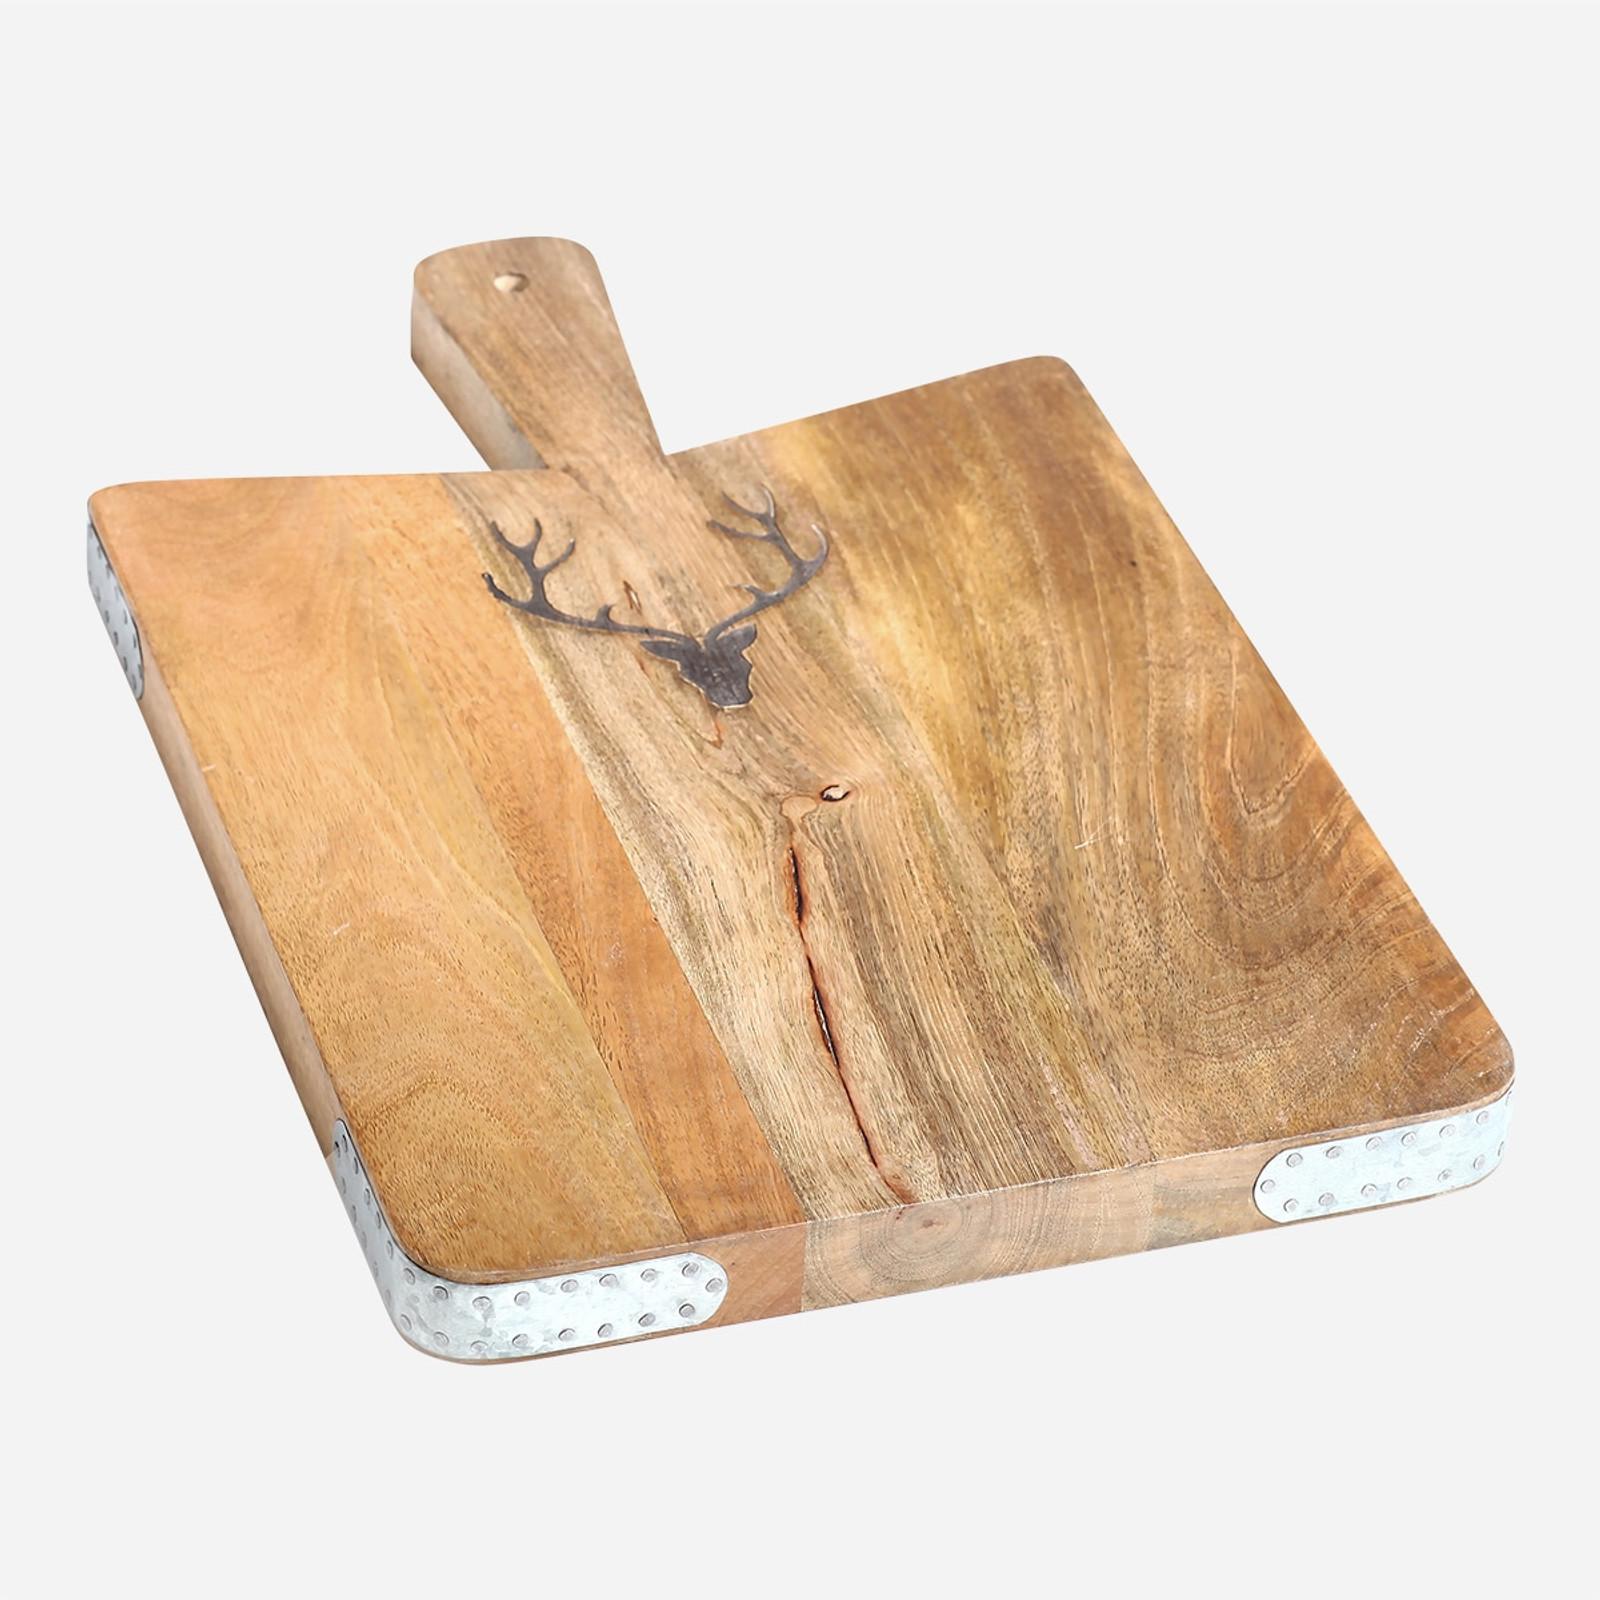 Stag Cutting Board